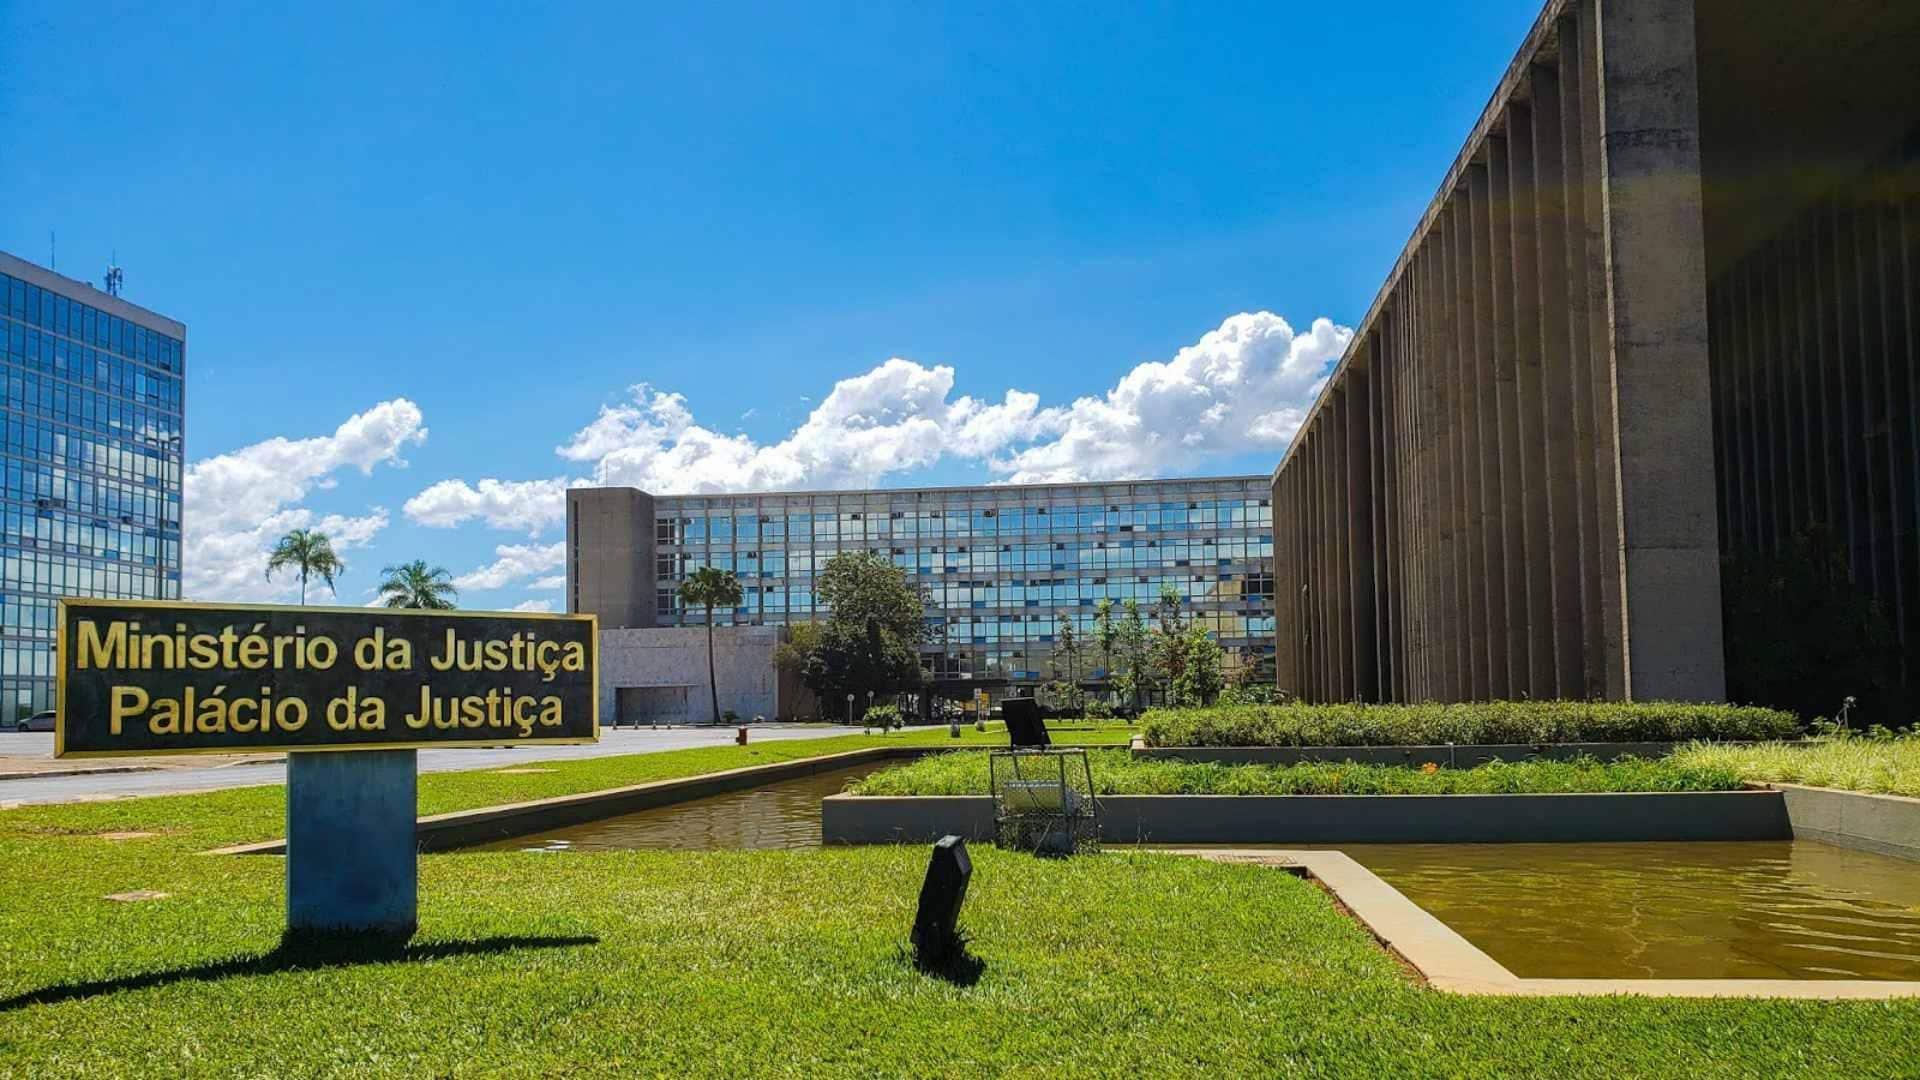 Para contribuir com prevenção de fraudes, Ministério da Justiça oferece curso gratuito sobre investigação patrimonial